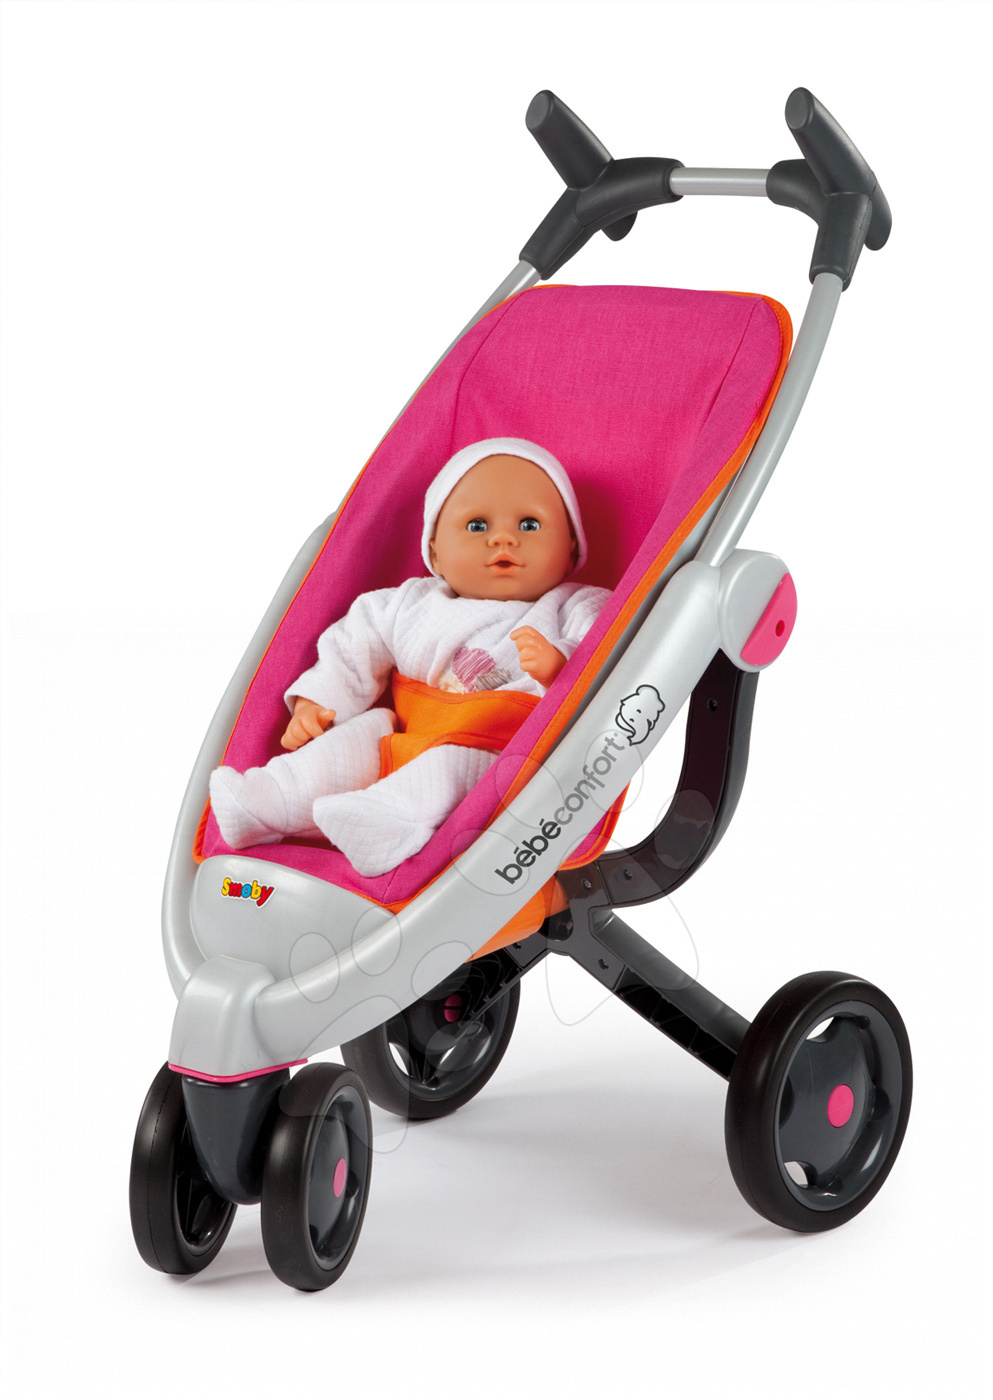 Kočík pre bábiku Maxi Cosi & Quinny Smoby športová bugina (70 cm rúčka) ružovo-oranžový